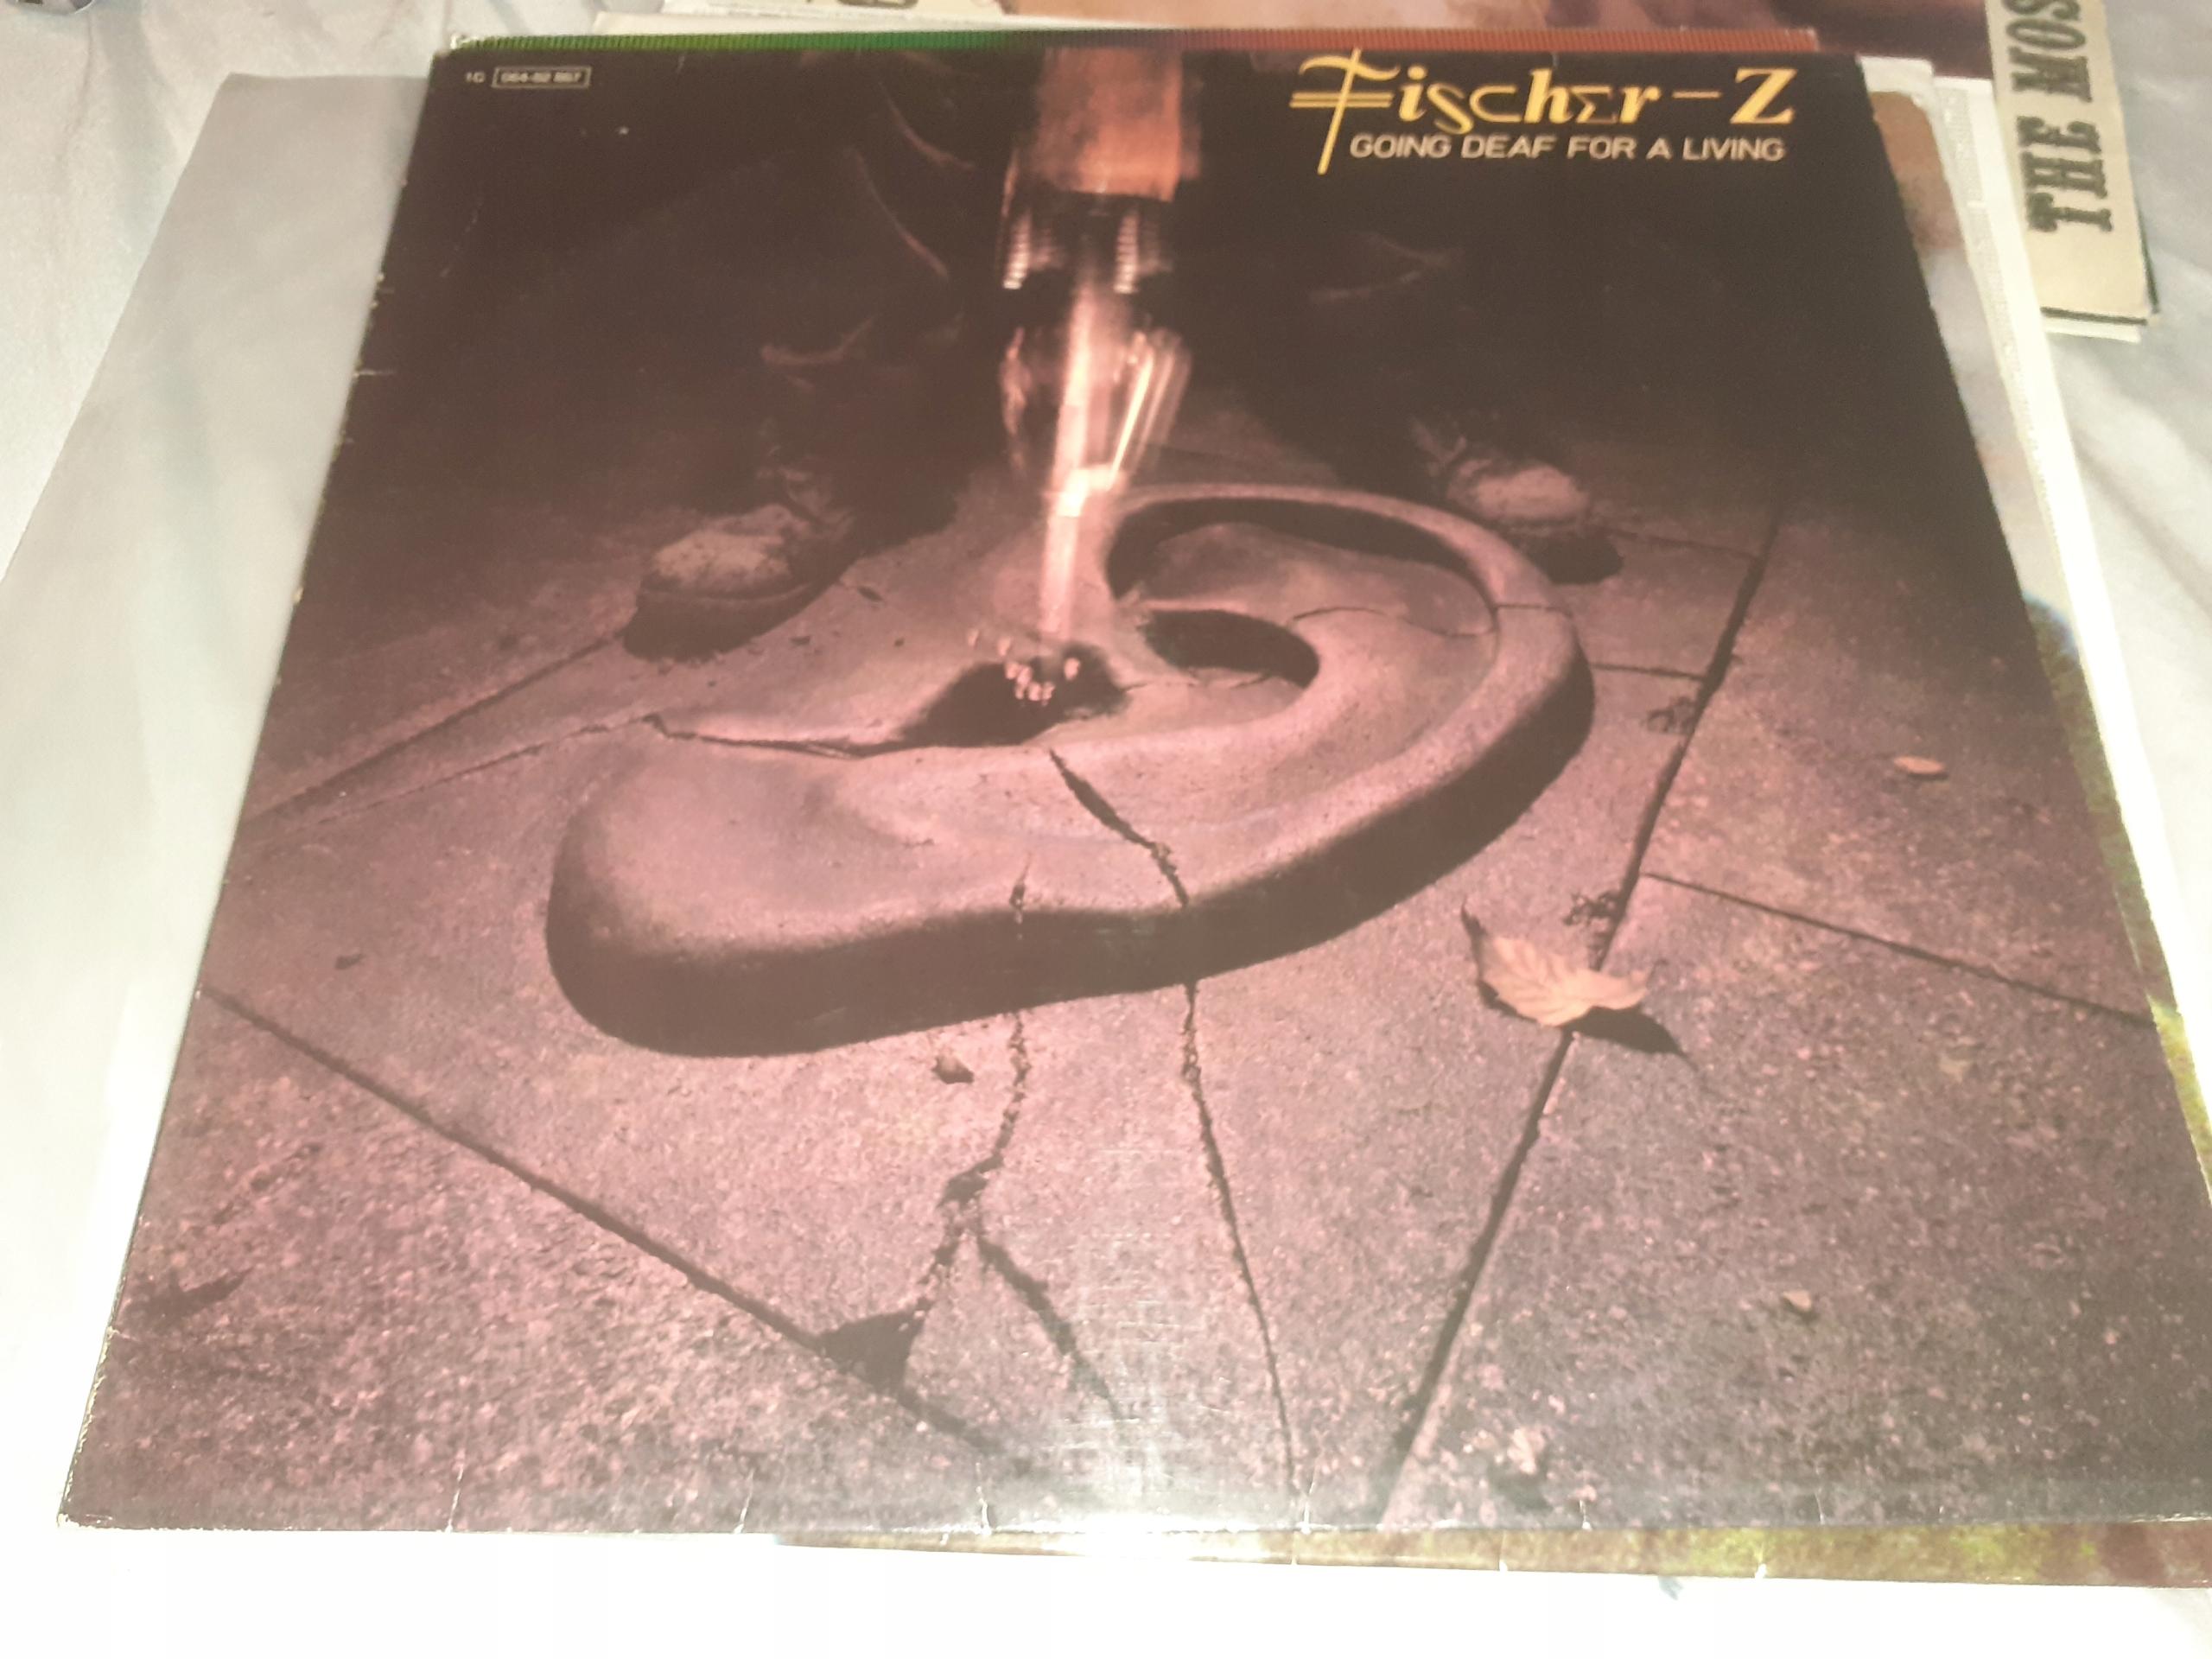 Fischer-Z Going deaf for a living - lp.